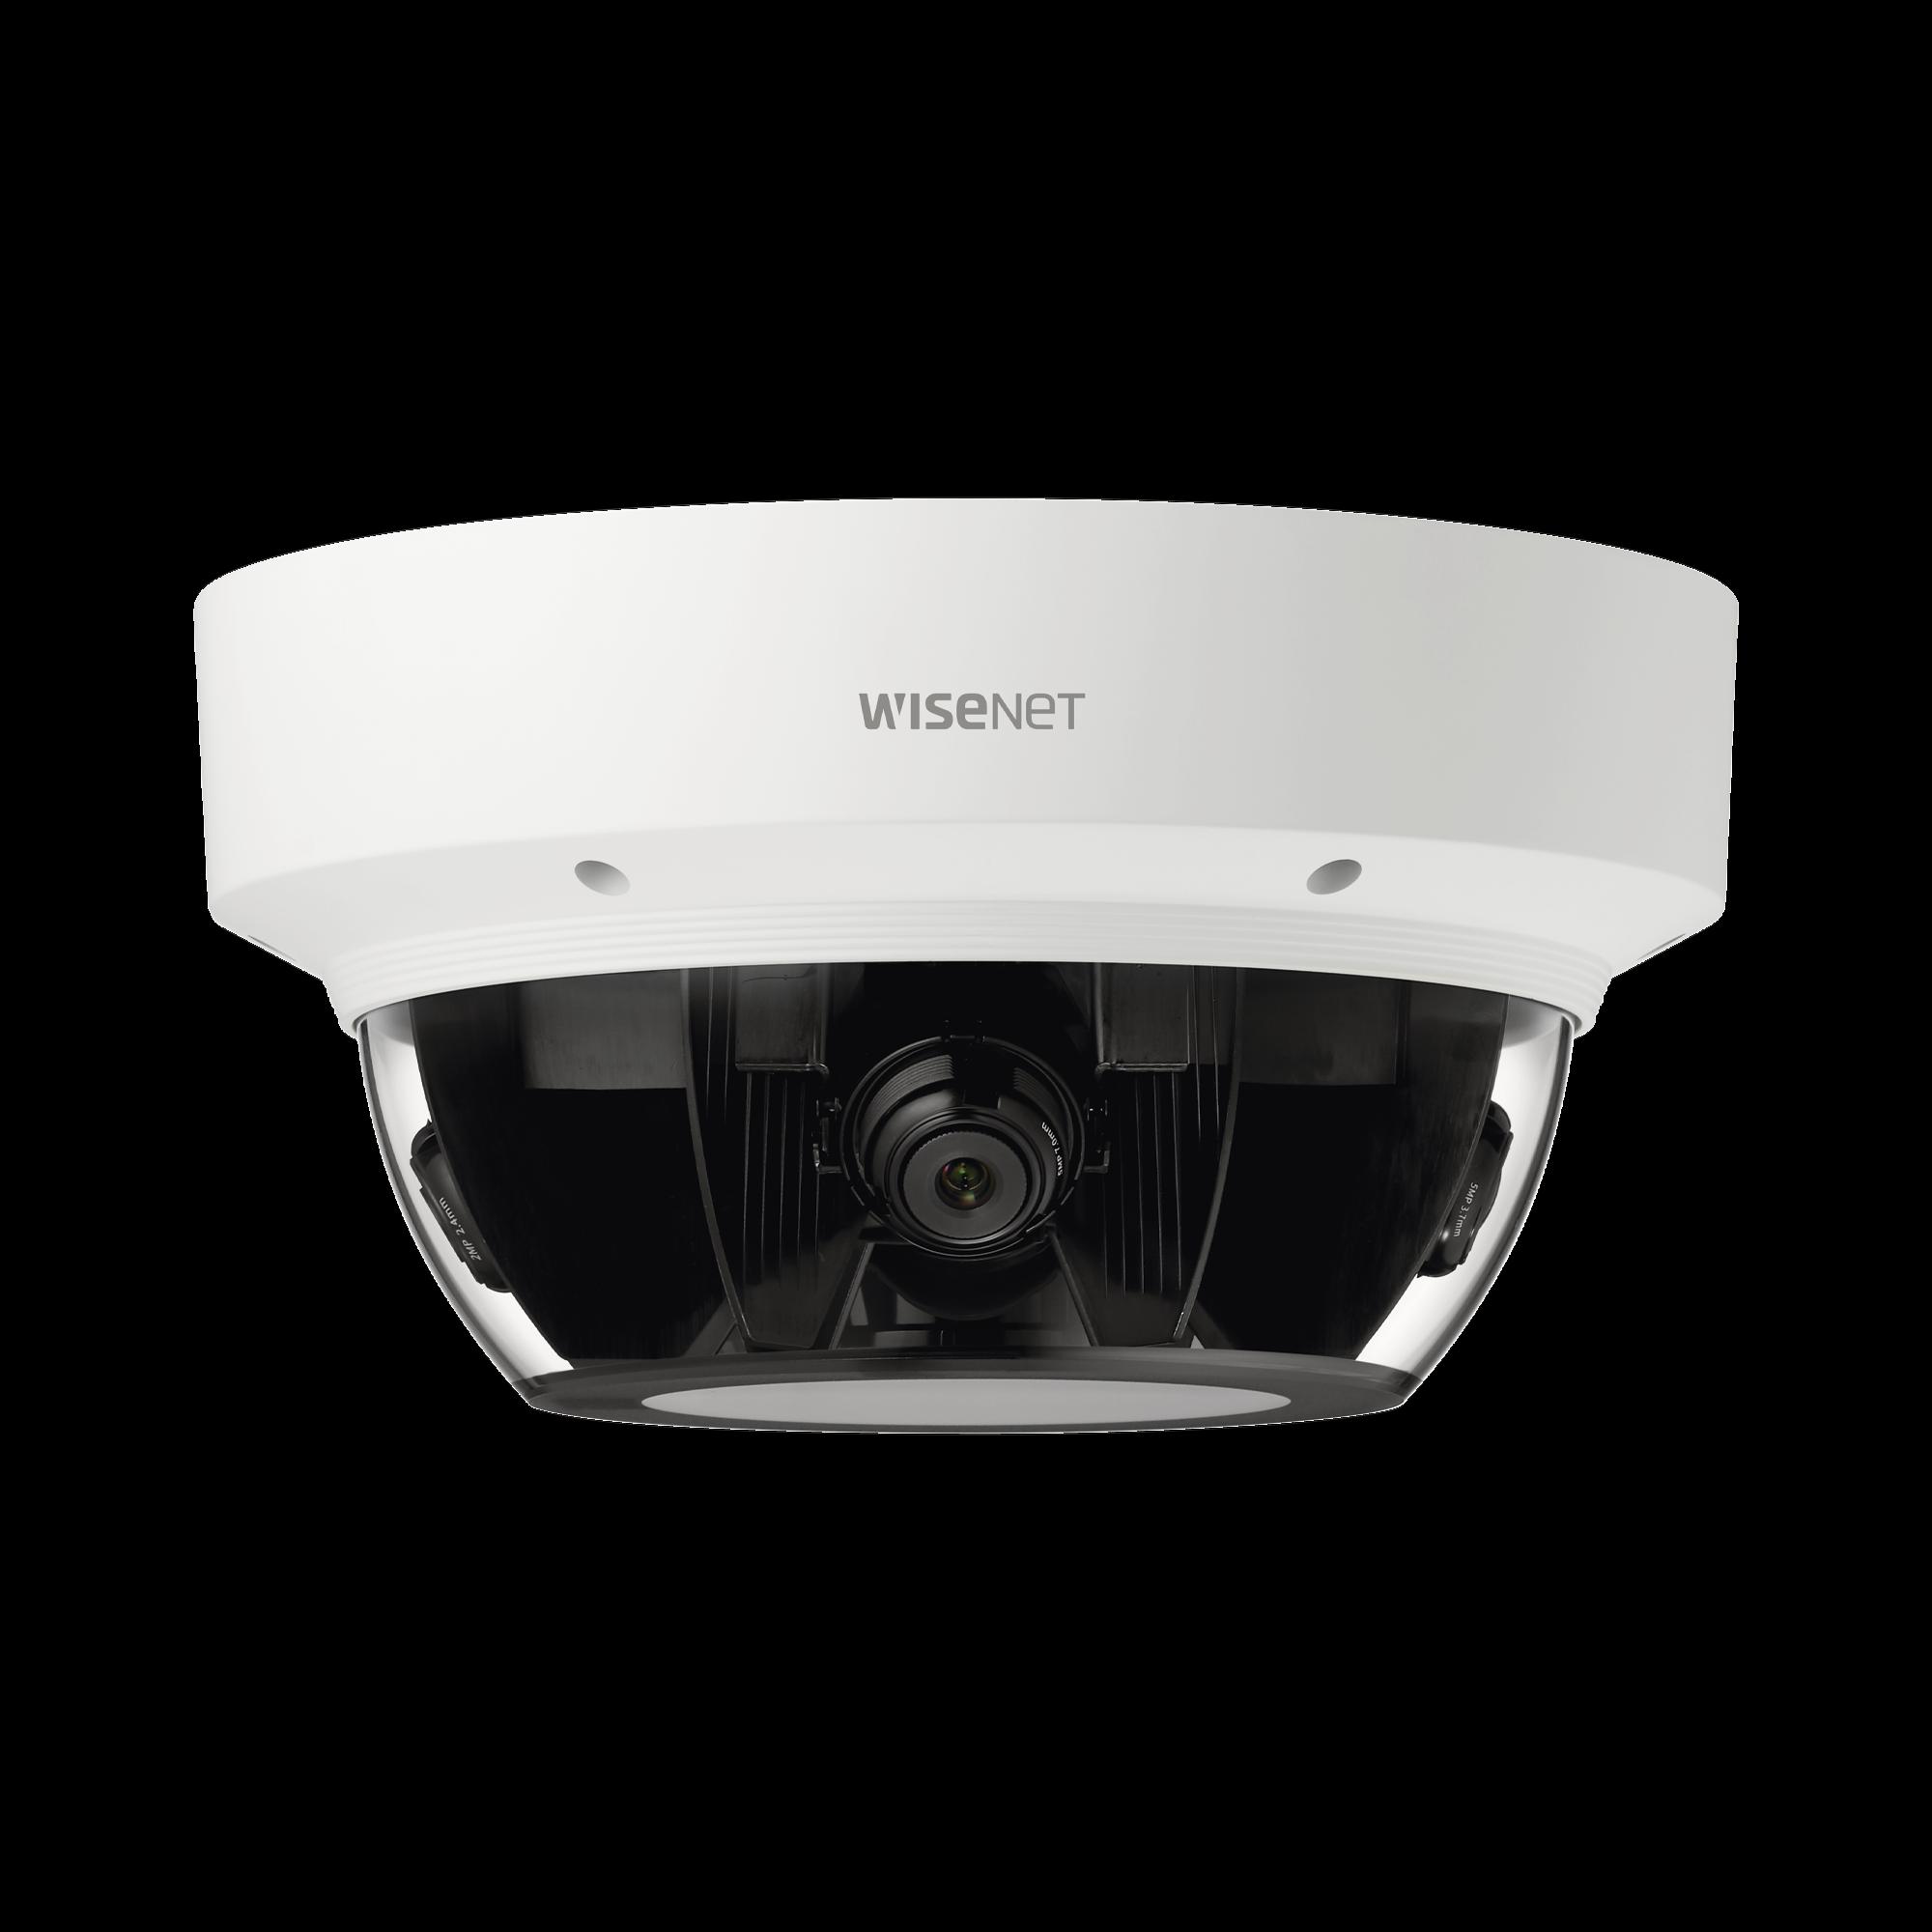 Cámara IP Multisensor 8 - 20 MP (4 sensores de 2 o 5 MP) lentes intercambiables / Hasta 4 tarjetas SD de 256 GB / WDR de hasta 150dB / IP66 / IK10